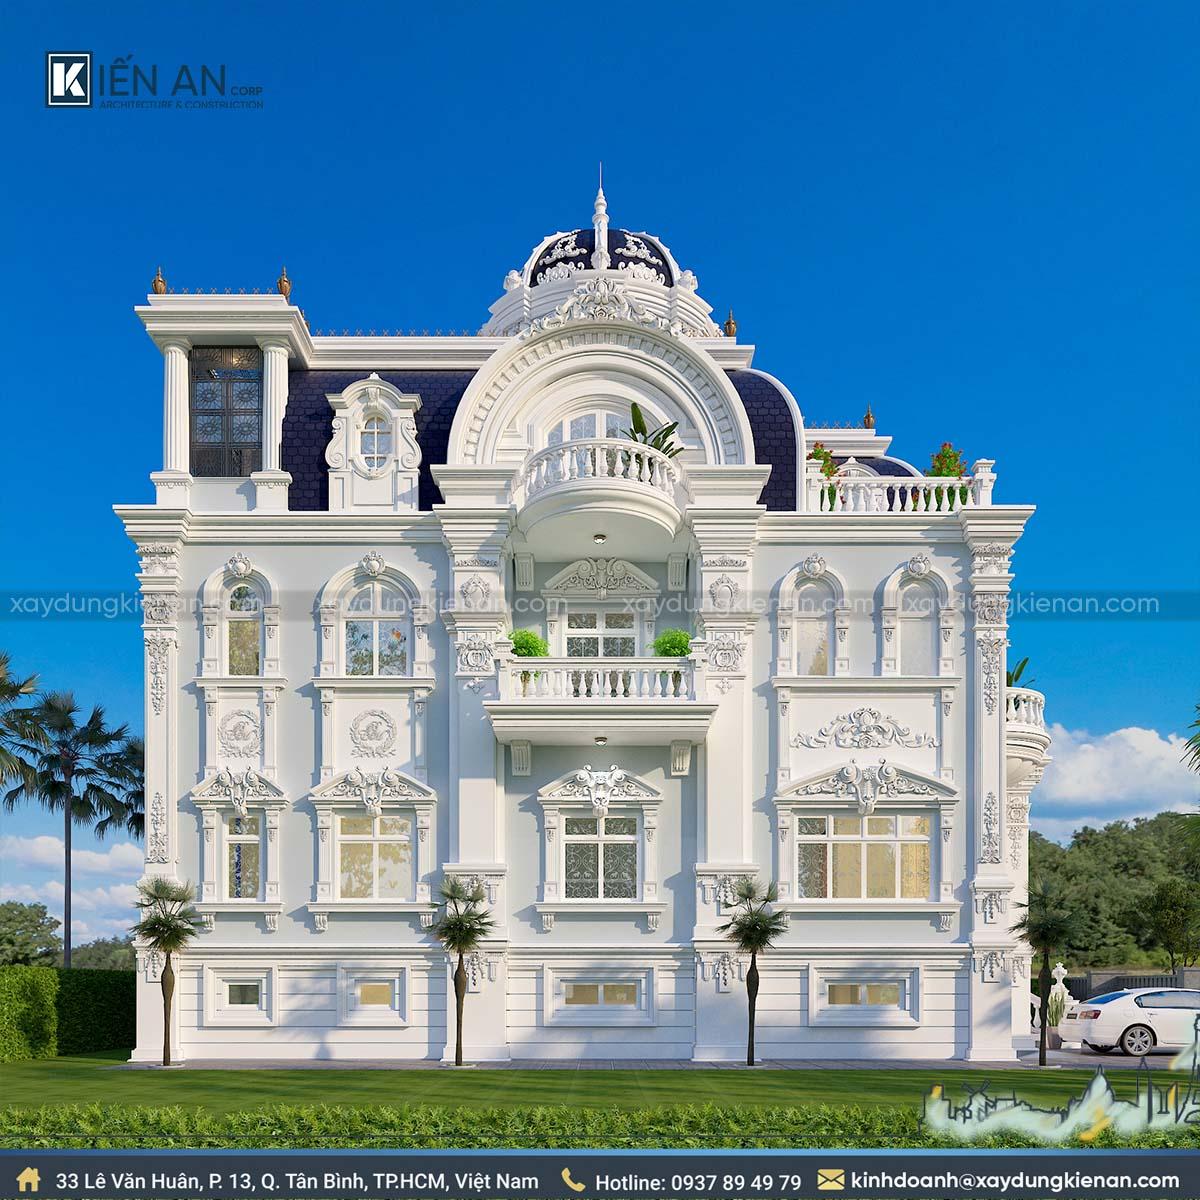 biệt thự lâu đài kiểu pháp